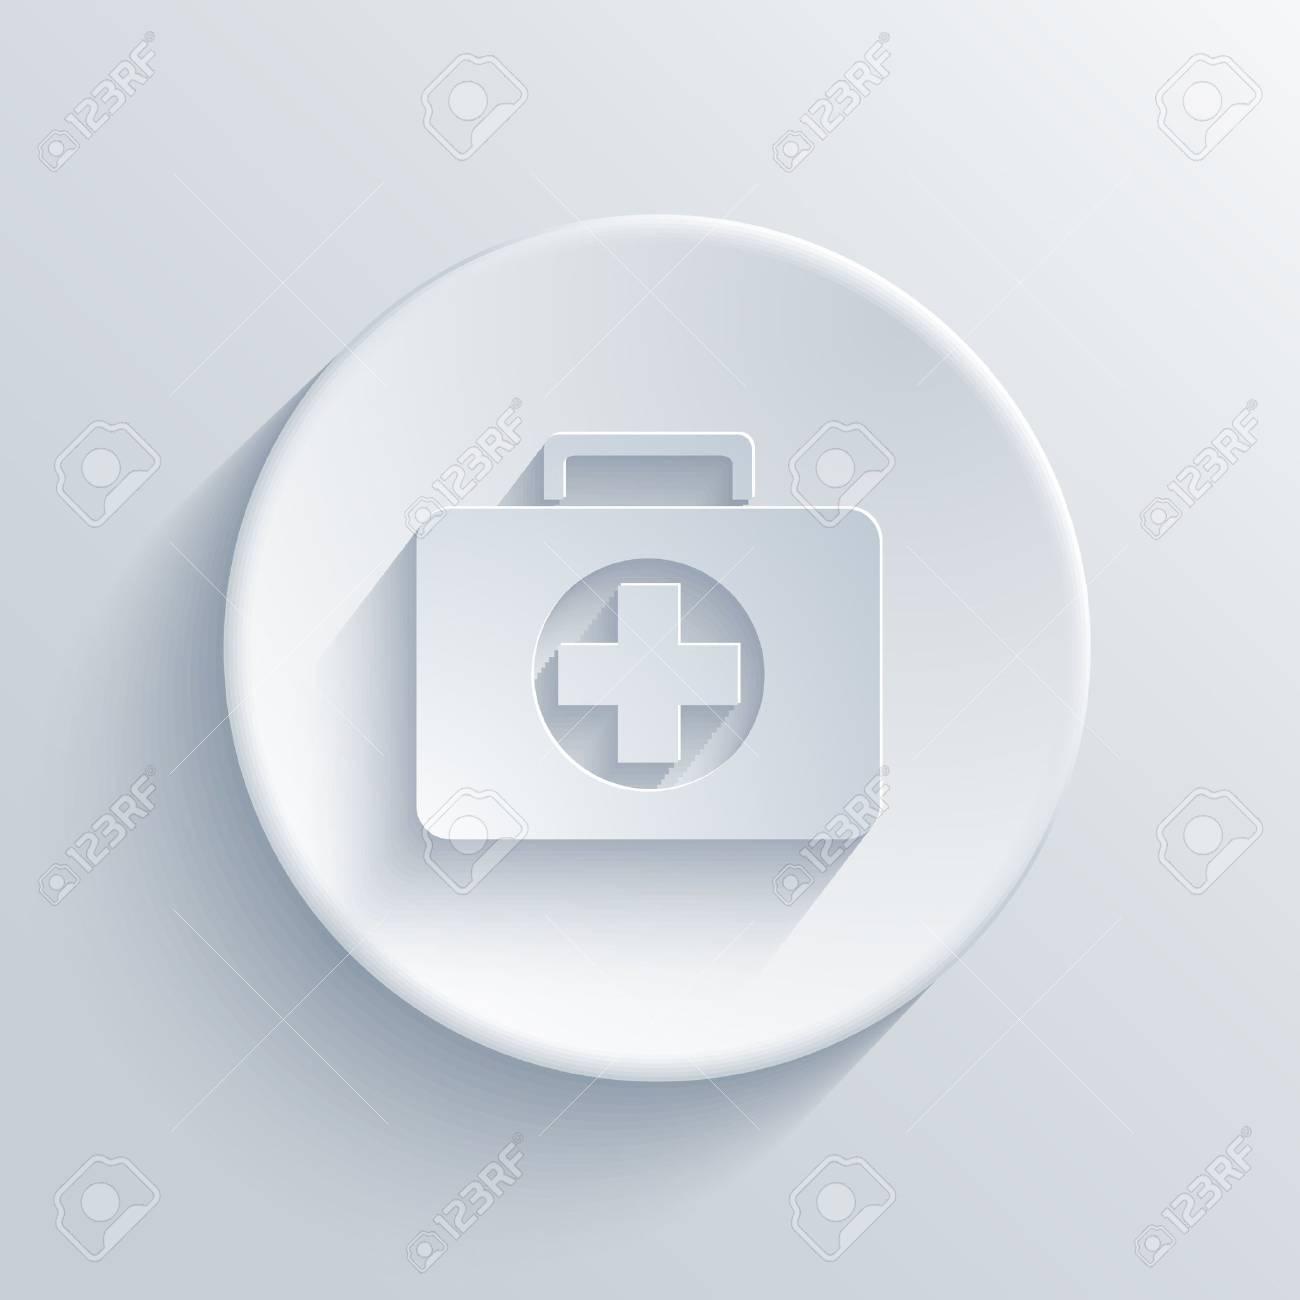 Vector light circle icon  Eps10 Stock Vector - 24366565